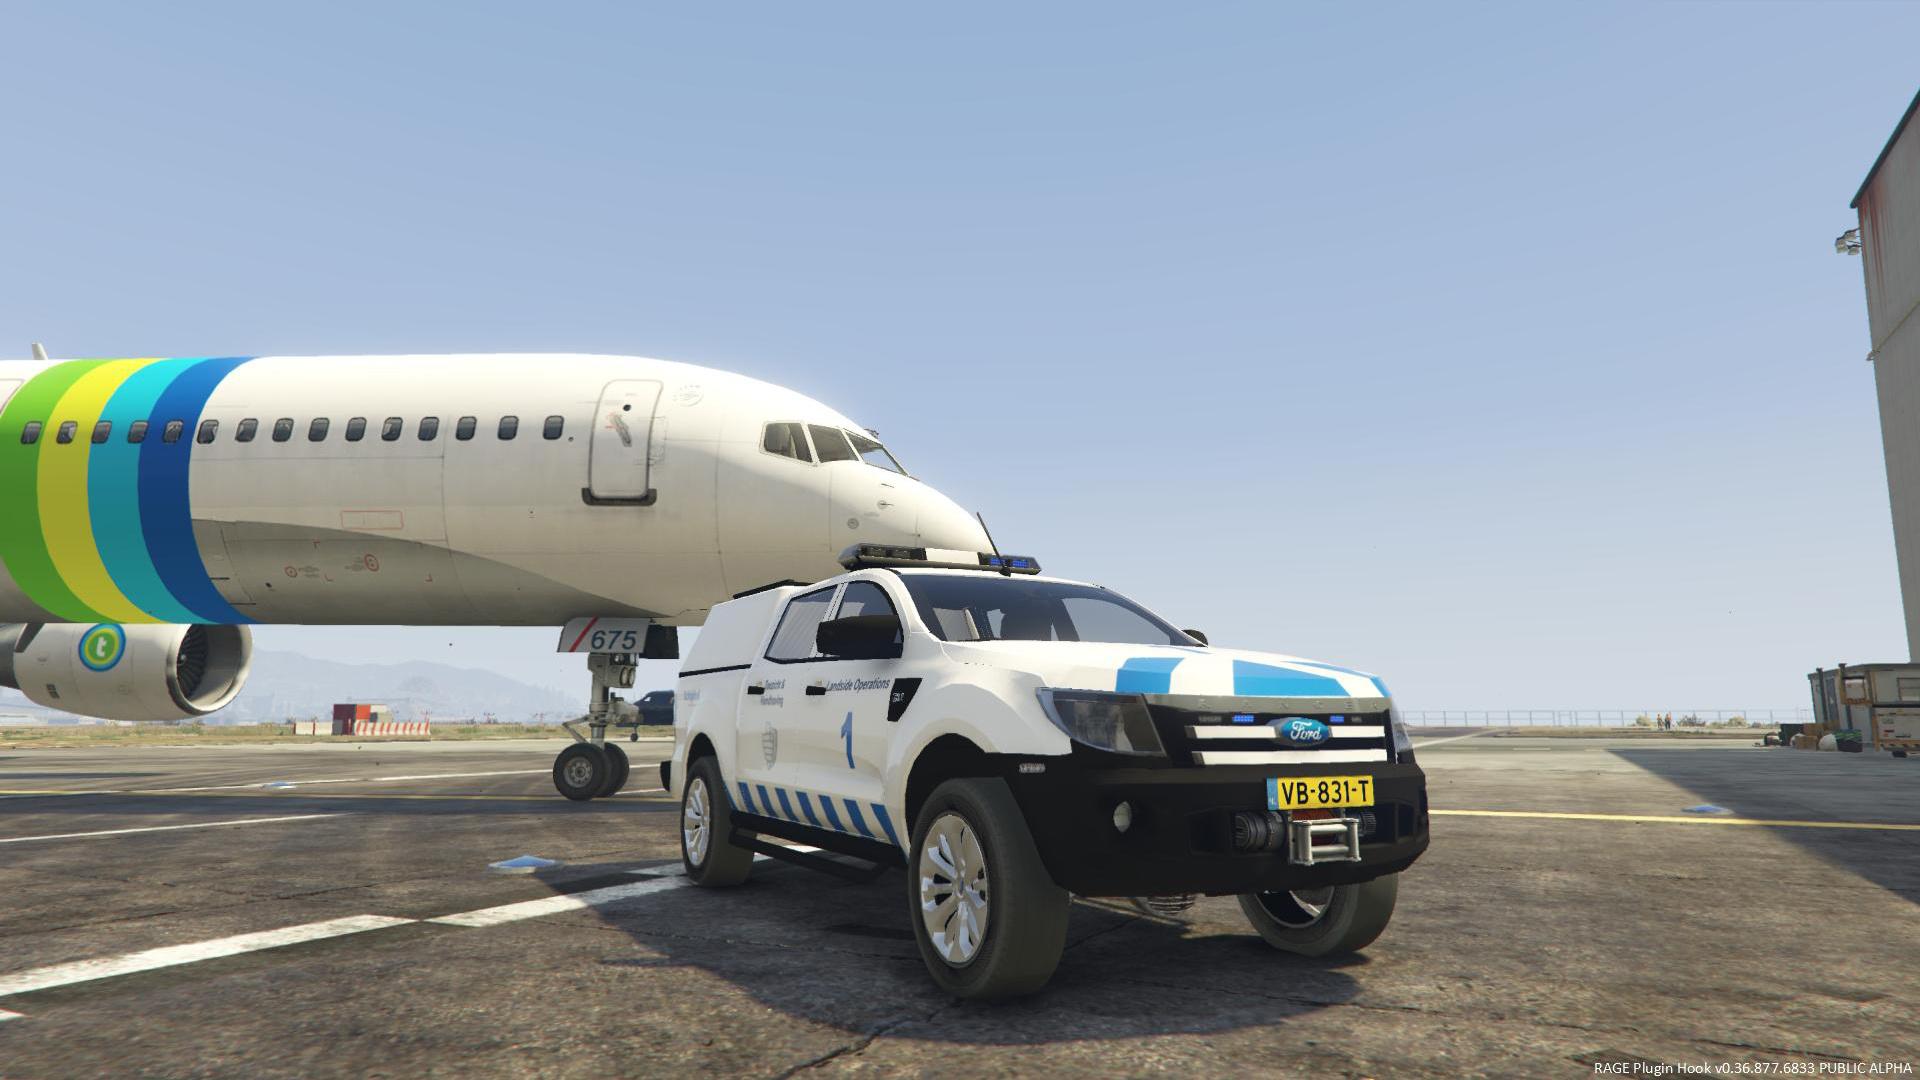 Ford Ranger Schiphol Landside Operations [4K Skin] - GTA5